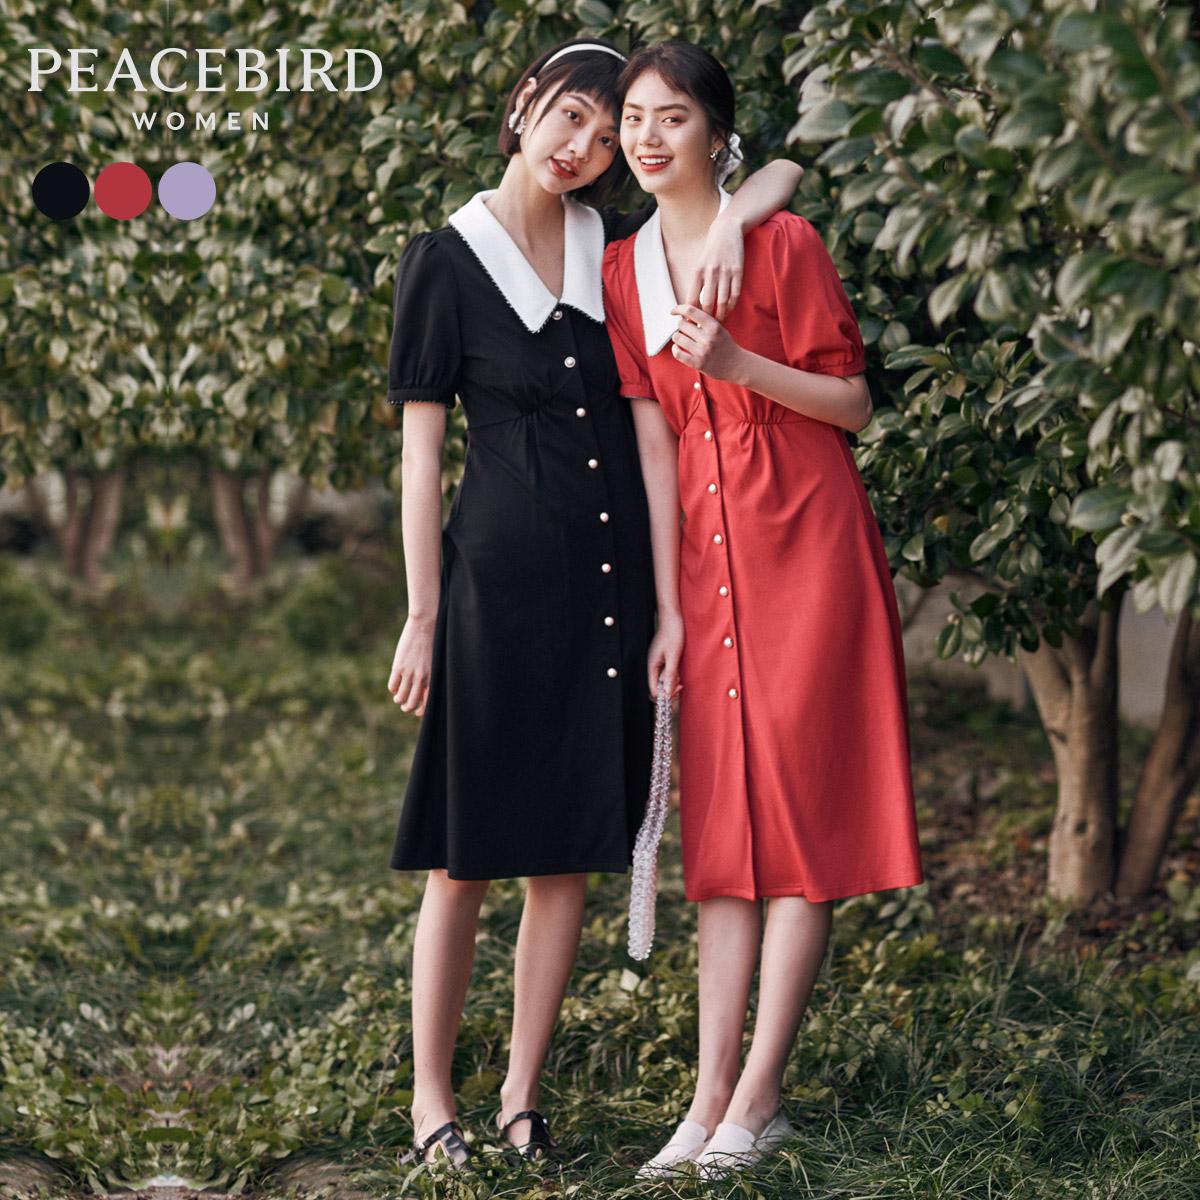 太平鸟新年红色连衣裙新款法式复古赫本风高腰显瘦收腰订婚裙女